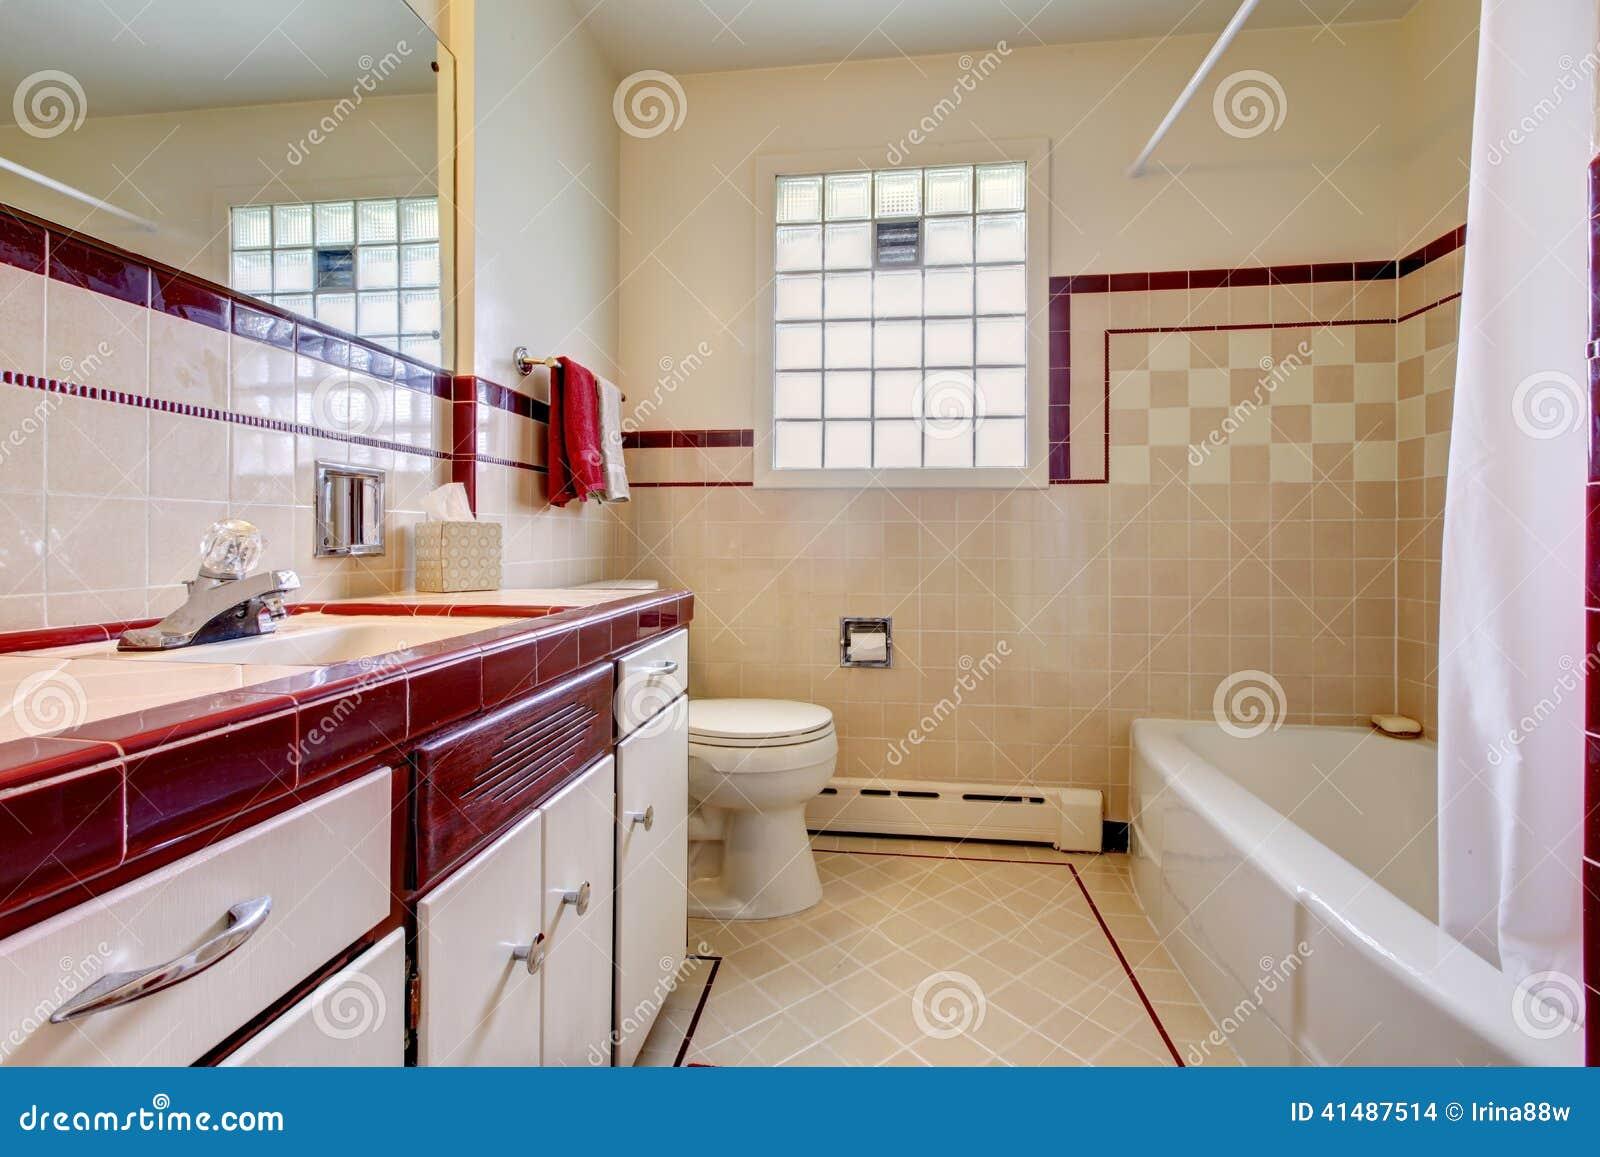 banheiro com o armário velho da vaidade do banheiro e a janela do #3F0B0F 1300 957